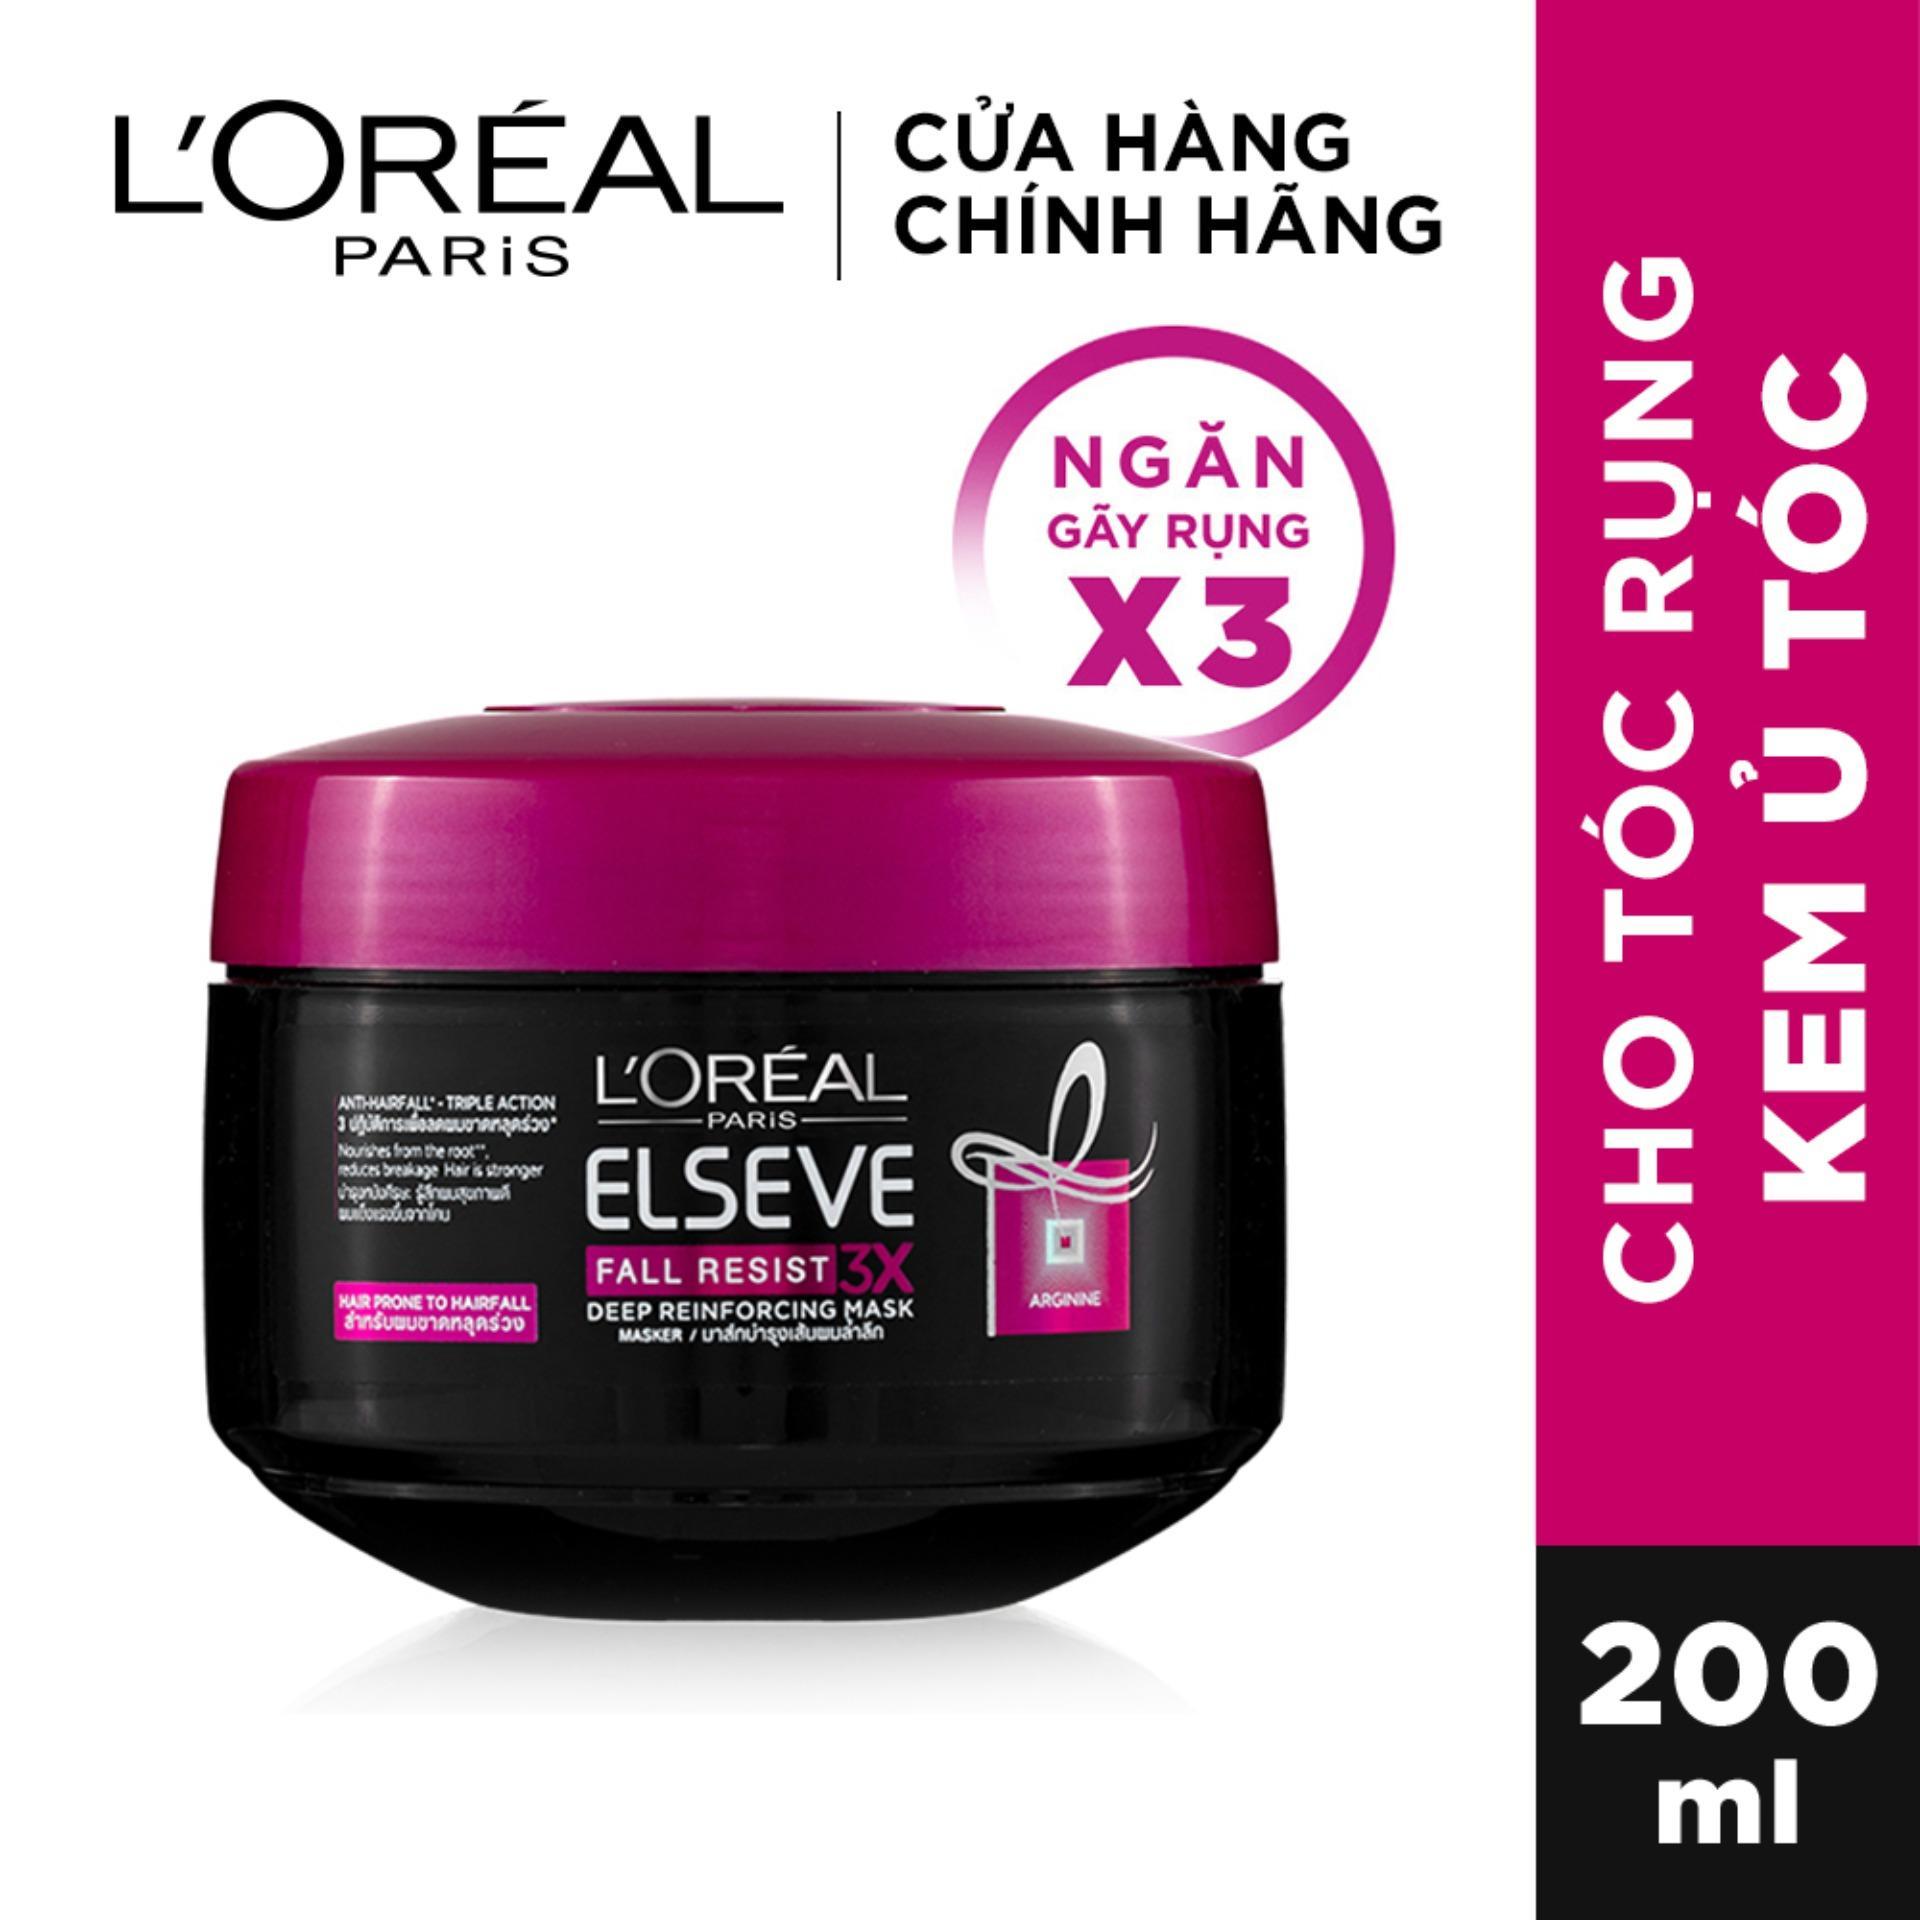 Kem ủ ngăn gãy rụng tóc LOreal Paris Elseve Fall Resist 3X 200ml chính hãng